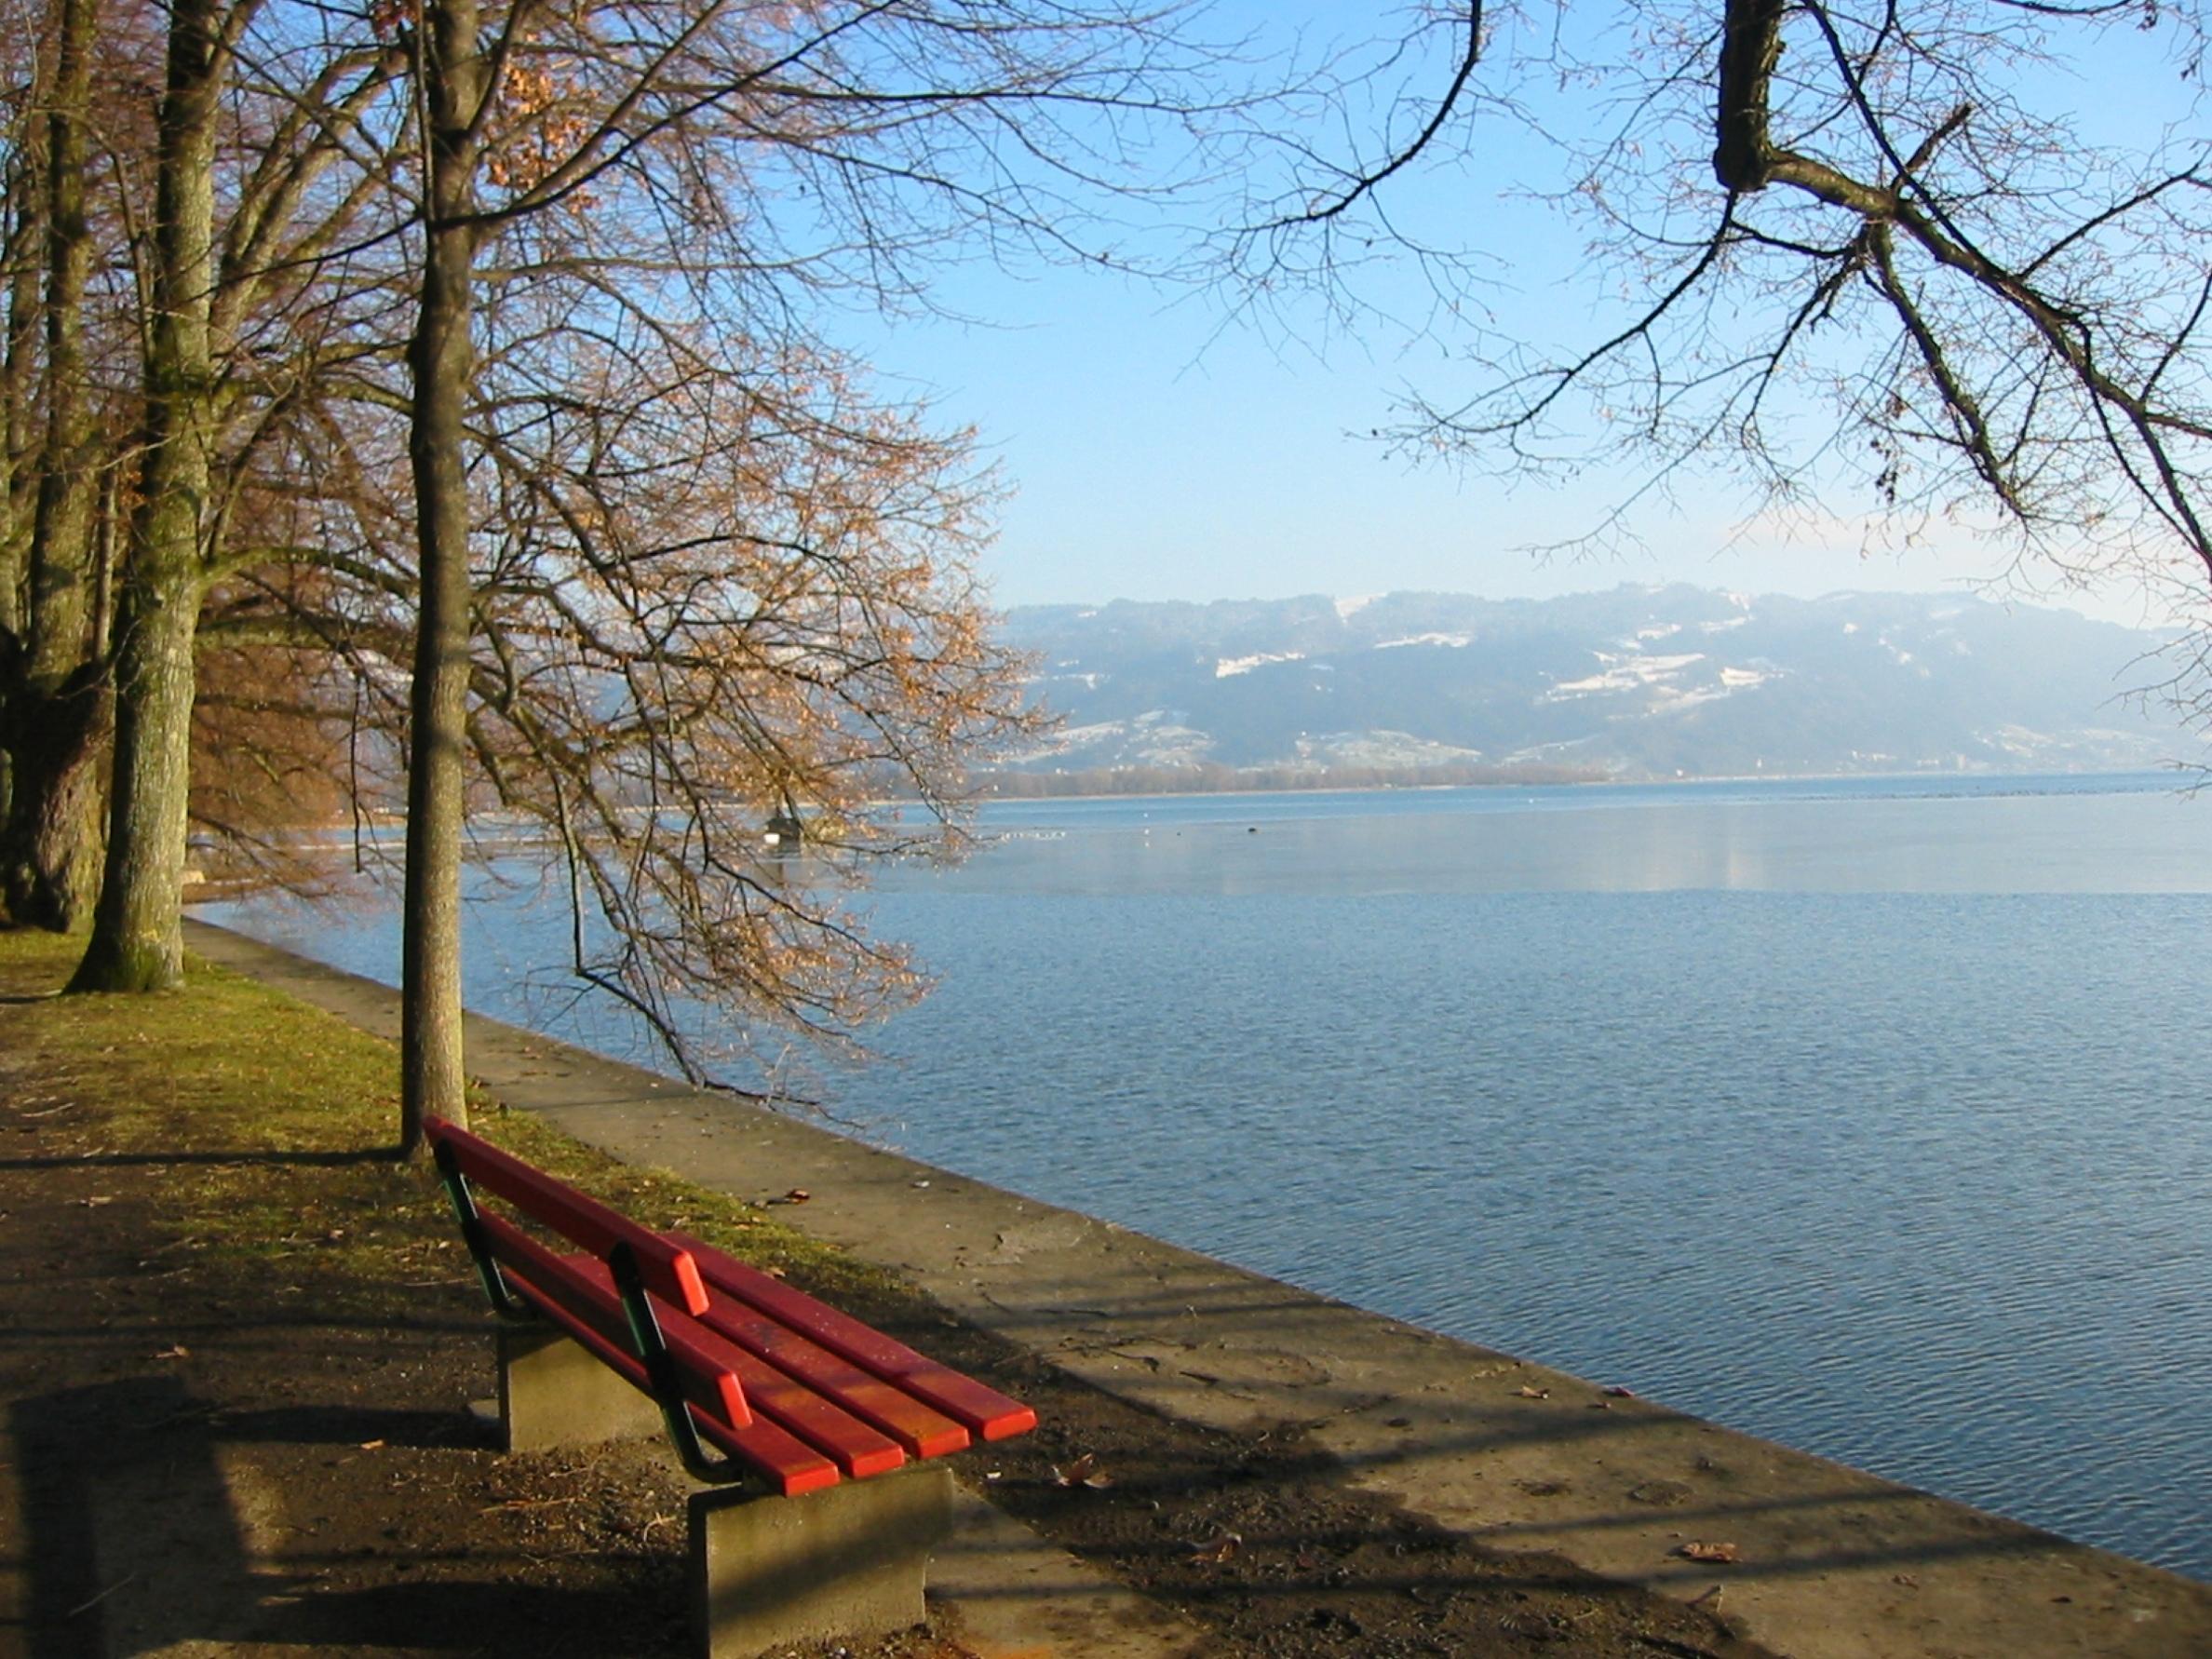 Ferienwohnung Damkröger, (Lindau am Bodensee). Ferienwohnung, 56 qm, 1 Wohn/Schlafraum, max. 4 Personen (1492589), Lindau, Bodensee (D), Baden-Württemberg, Deutschland, Bild 9